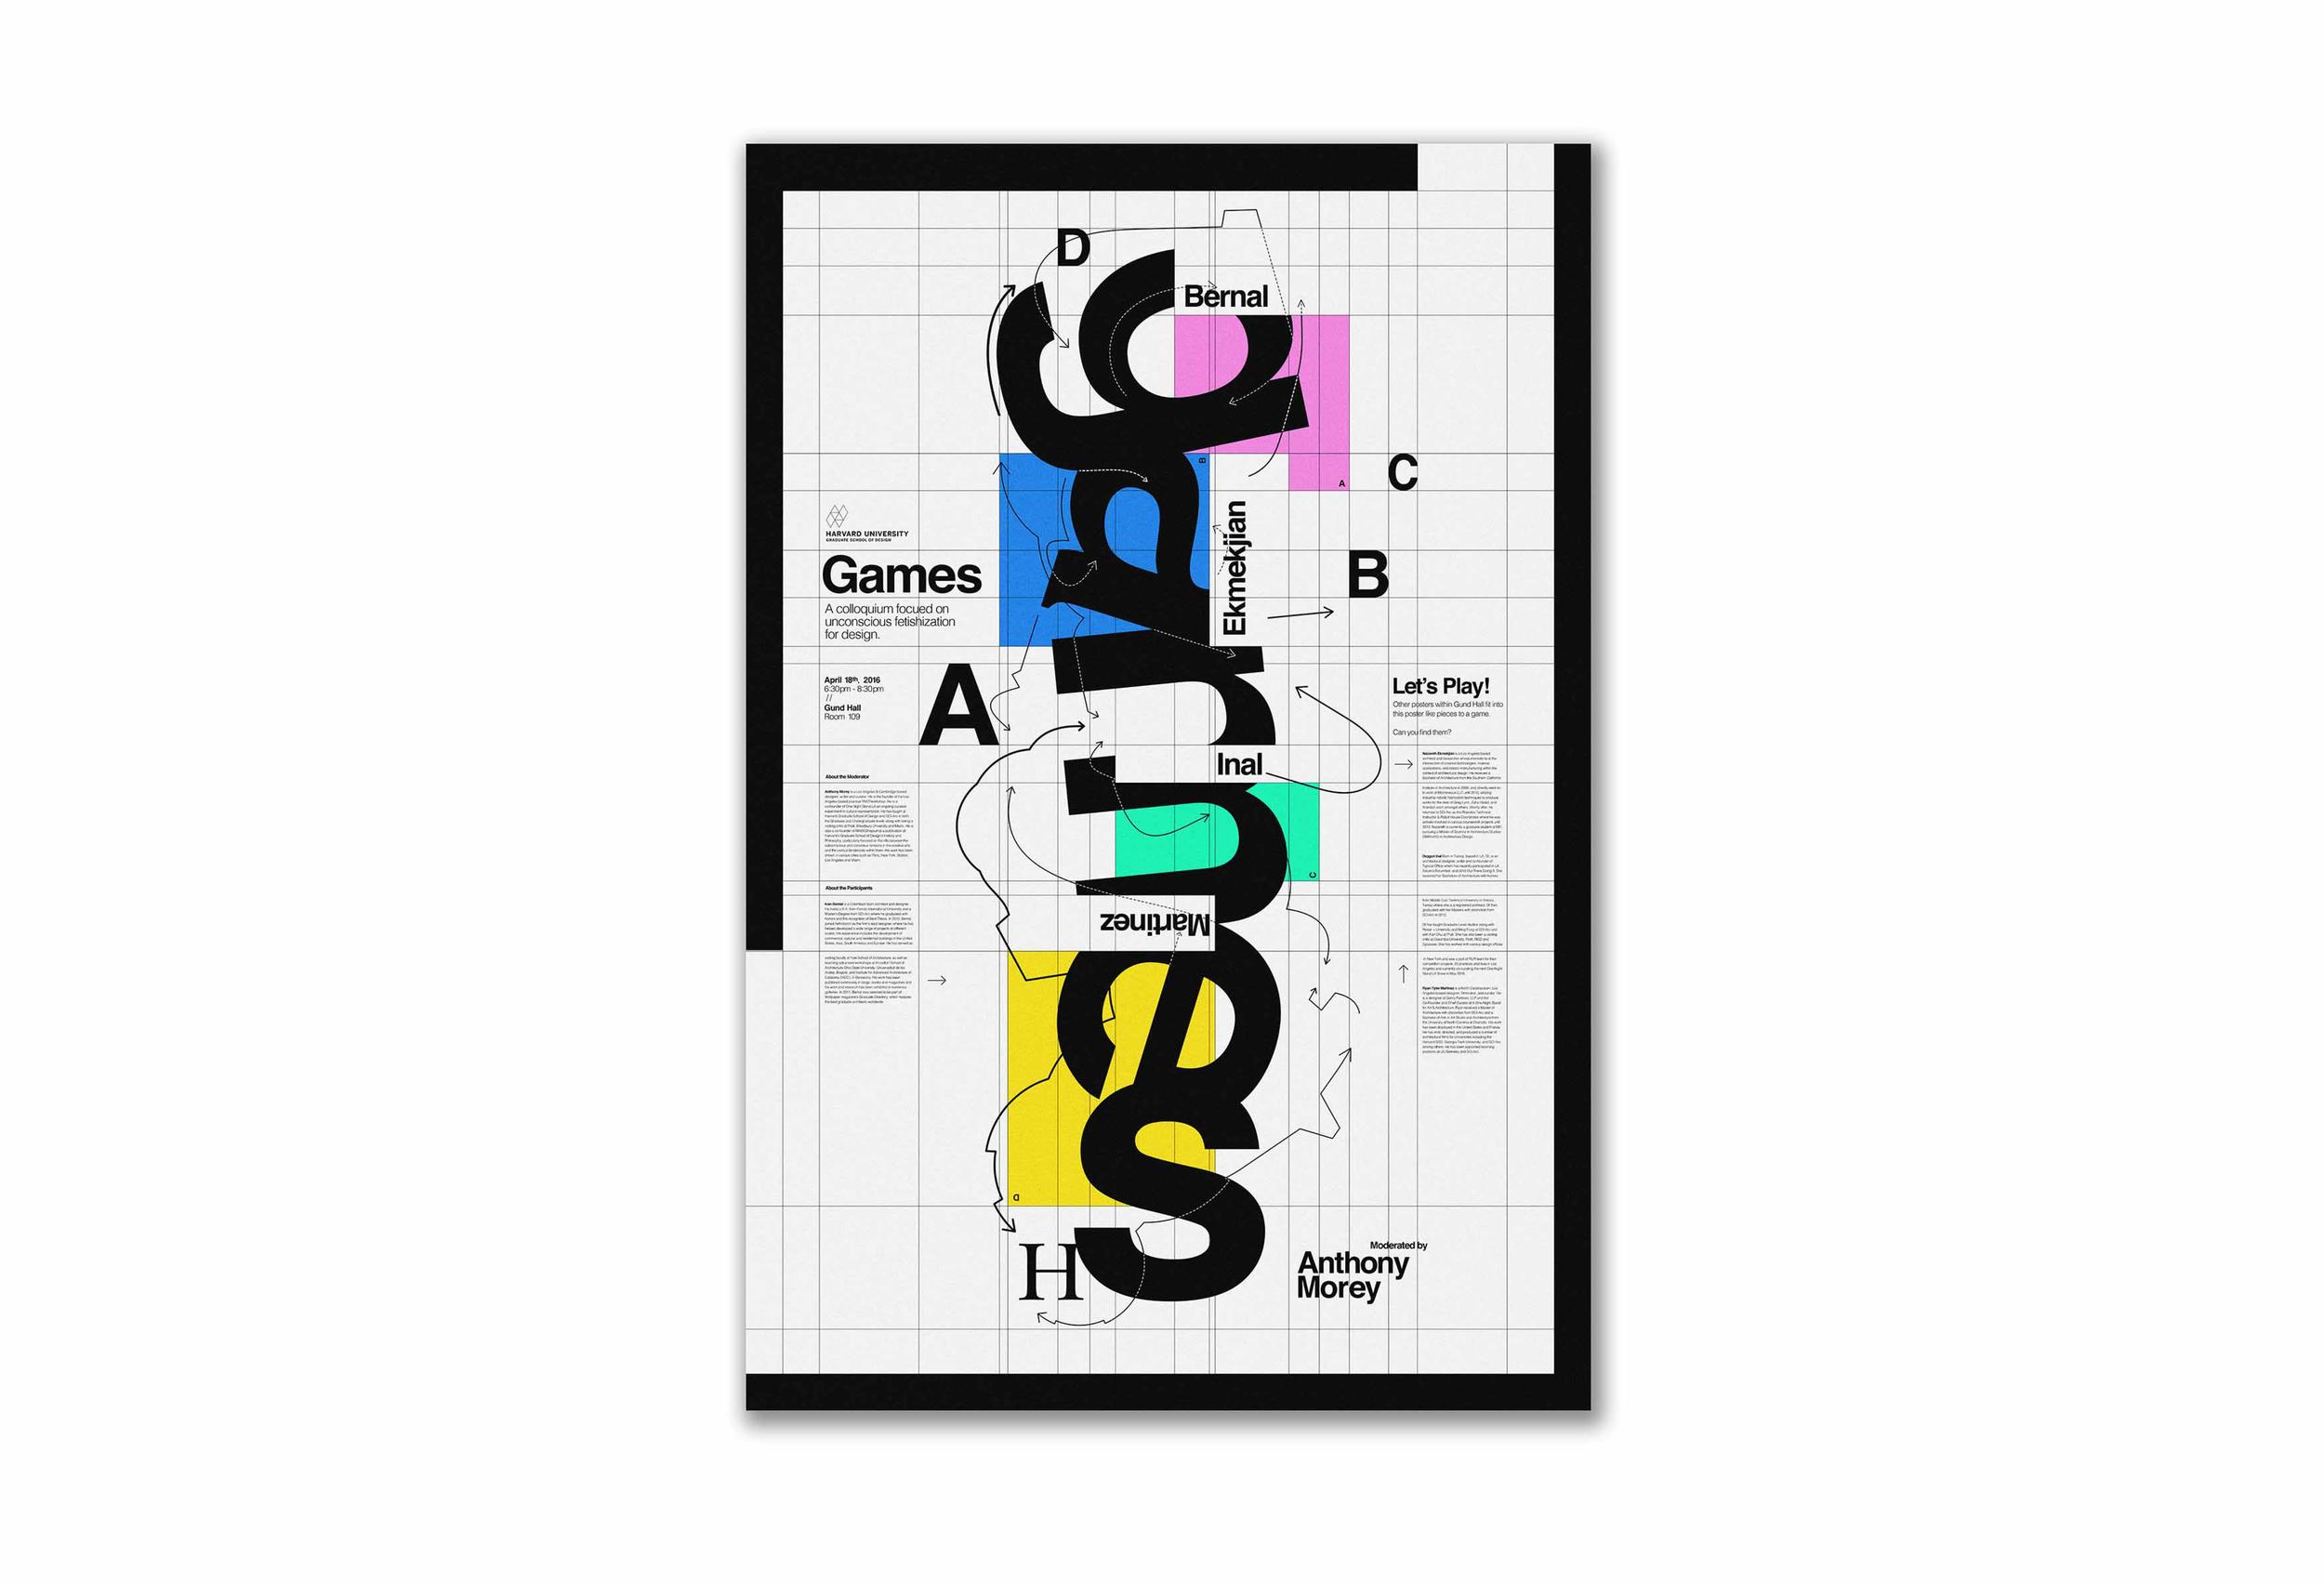 Games_Posters-1.jpg